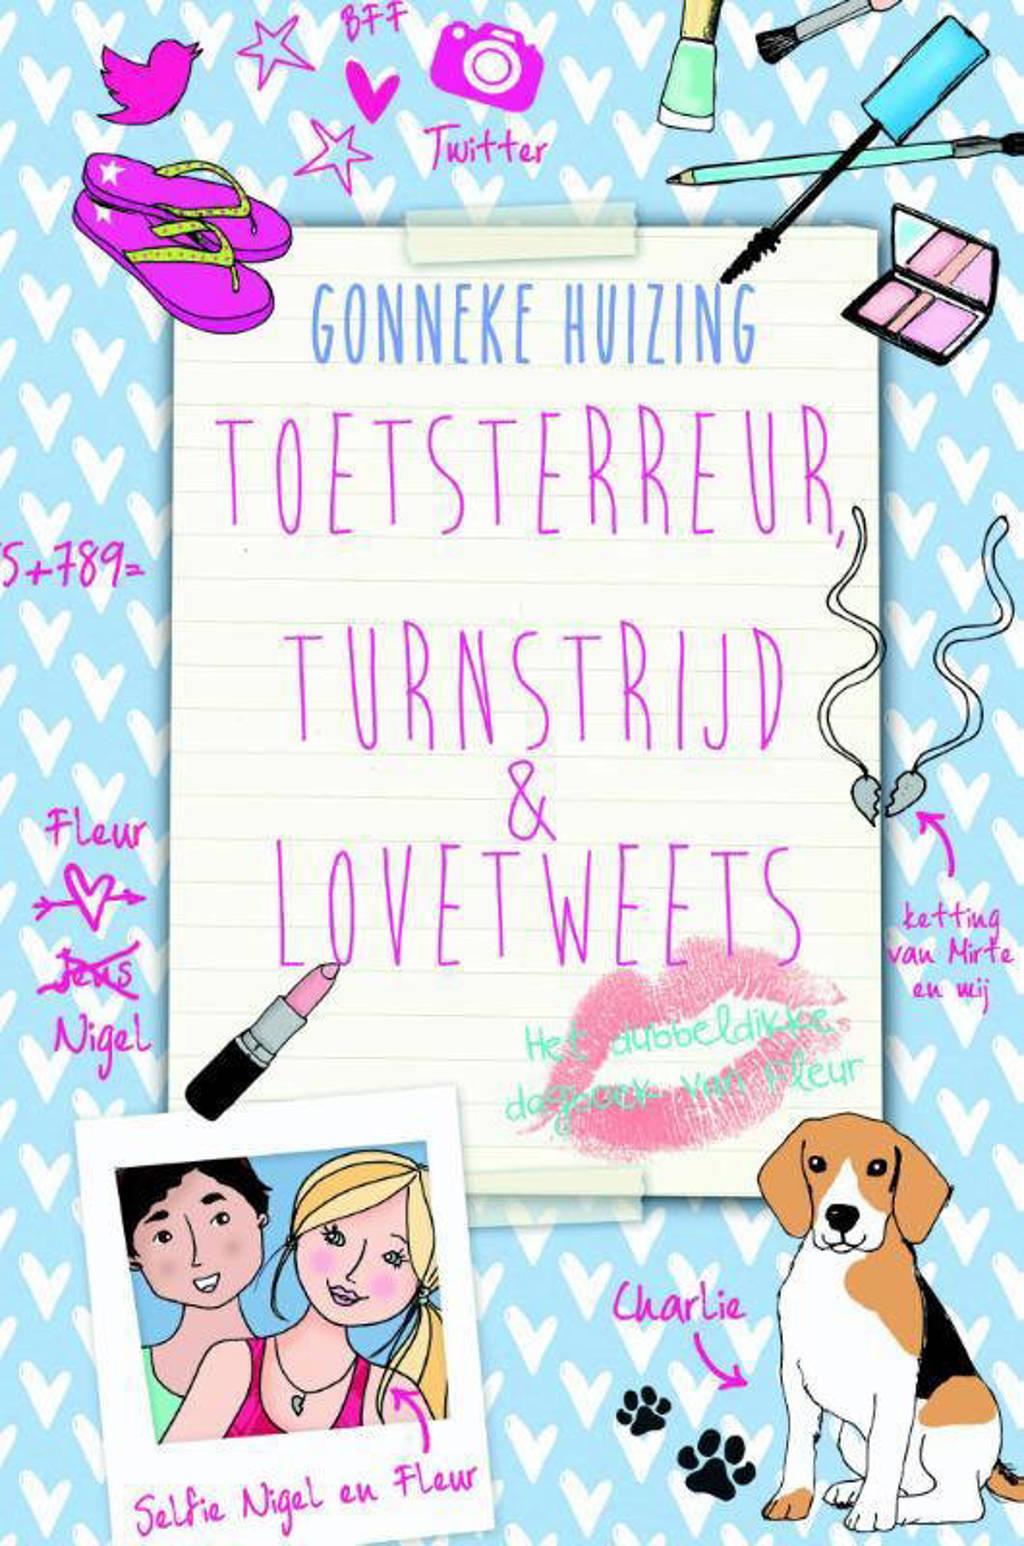 Toetsterreur, turnstrijd en lovetweets - Gonneke Huizing